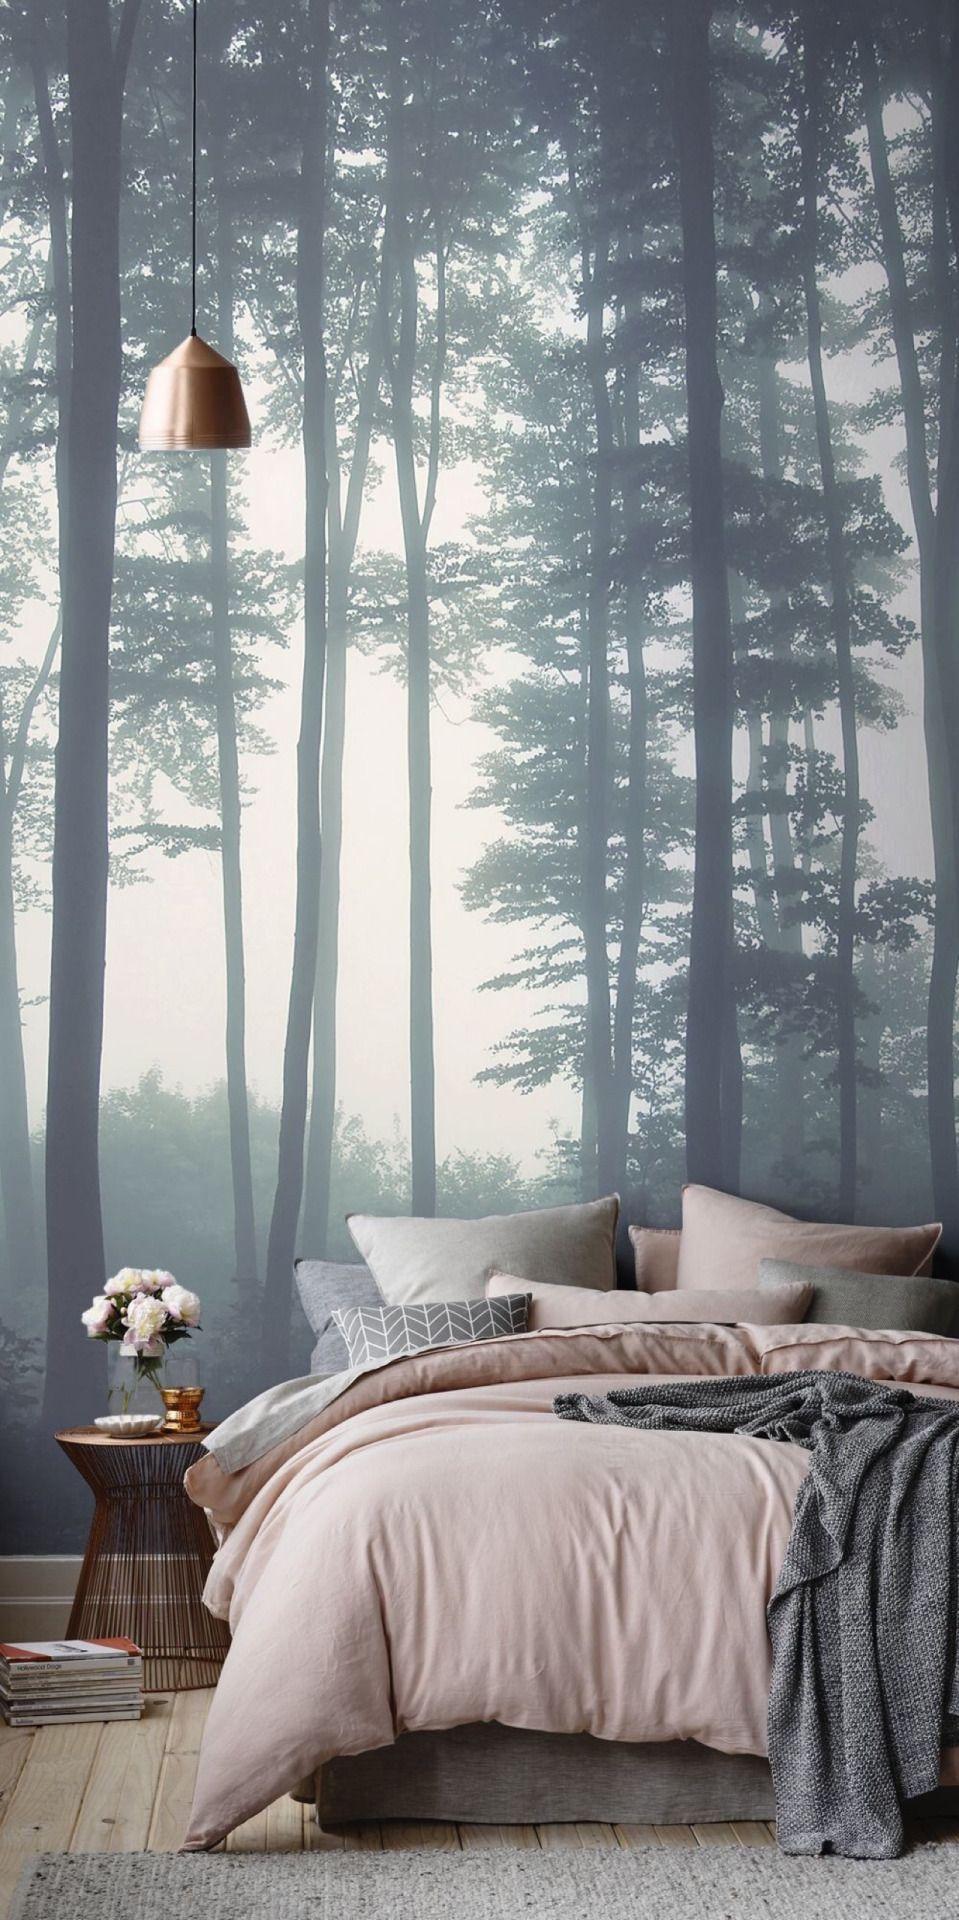 Un Papier Peint Inspiration Nature Dans La Chambre A Coucher Pour